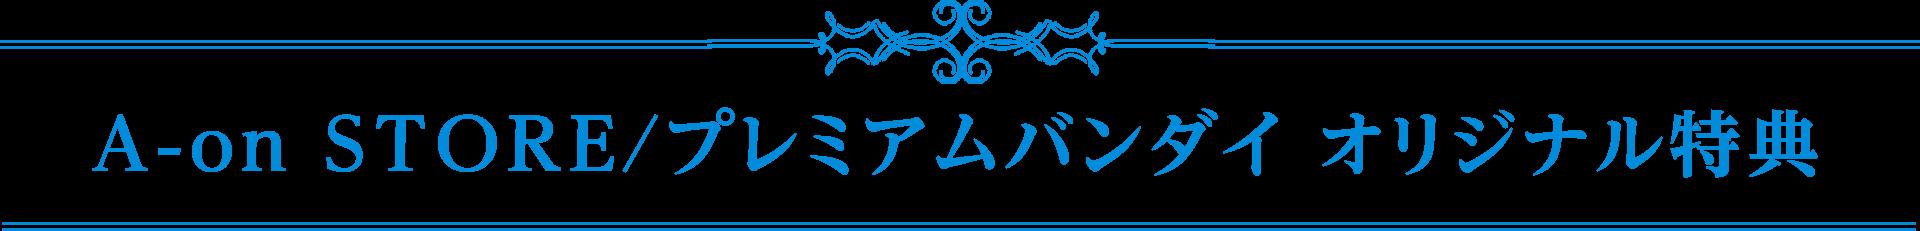 A-on STORE/プレミアムバンダイ オリジナル特典